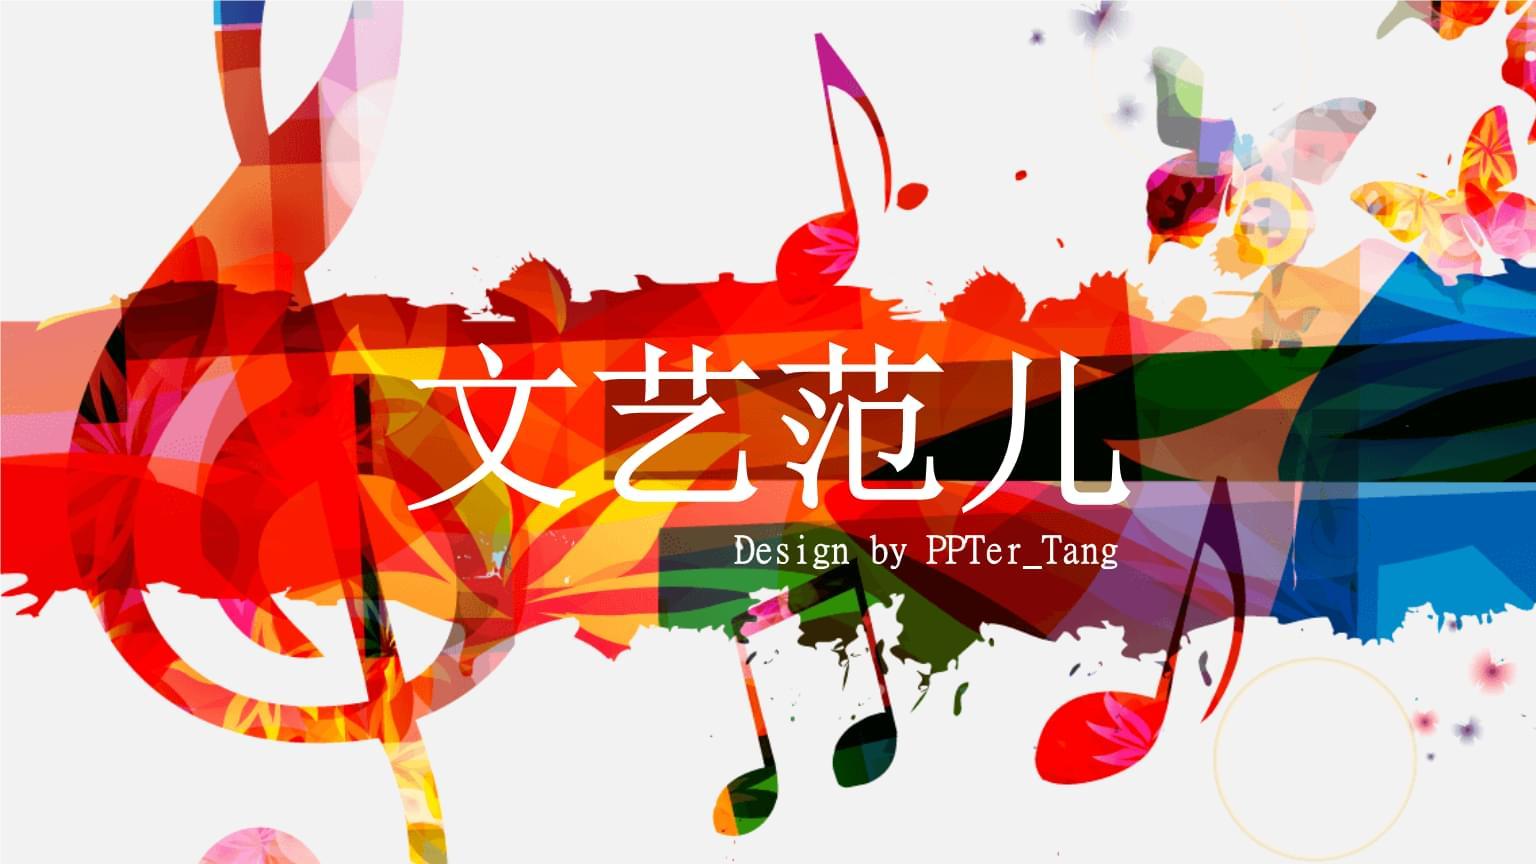 炫彩音乐符号文艺范PPT模板.pptx